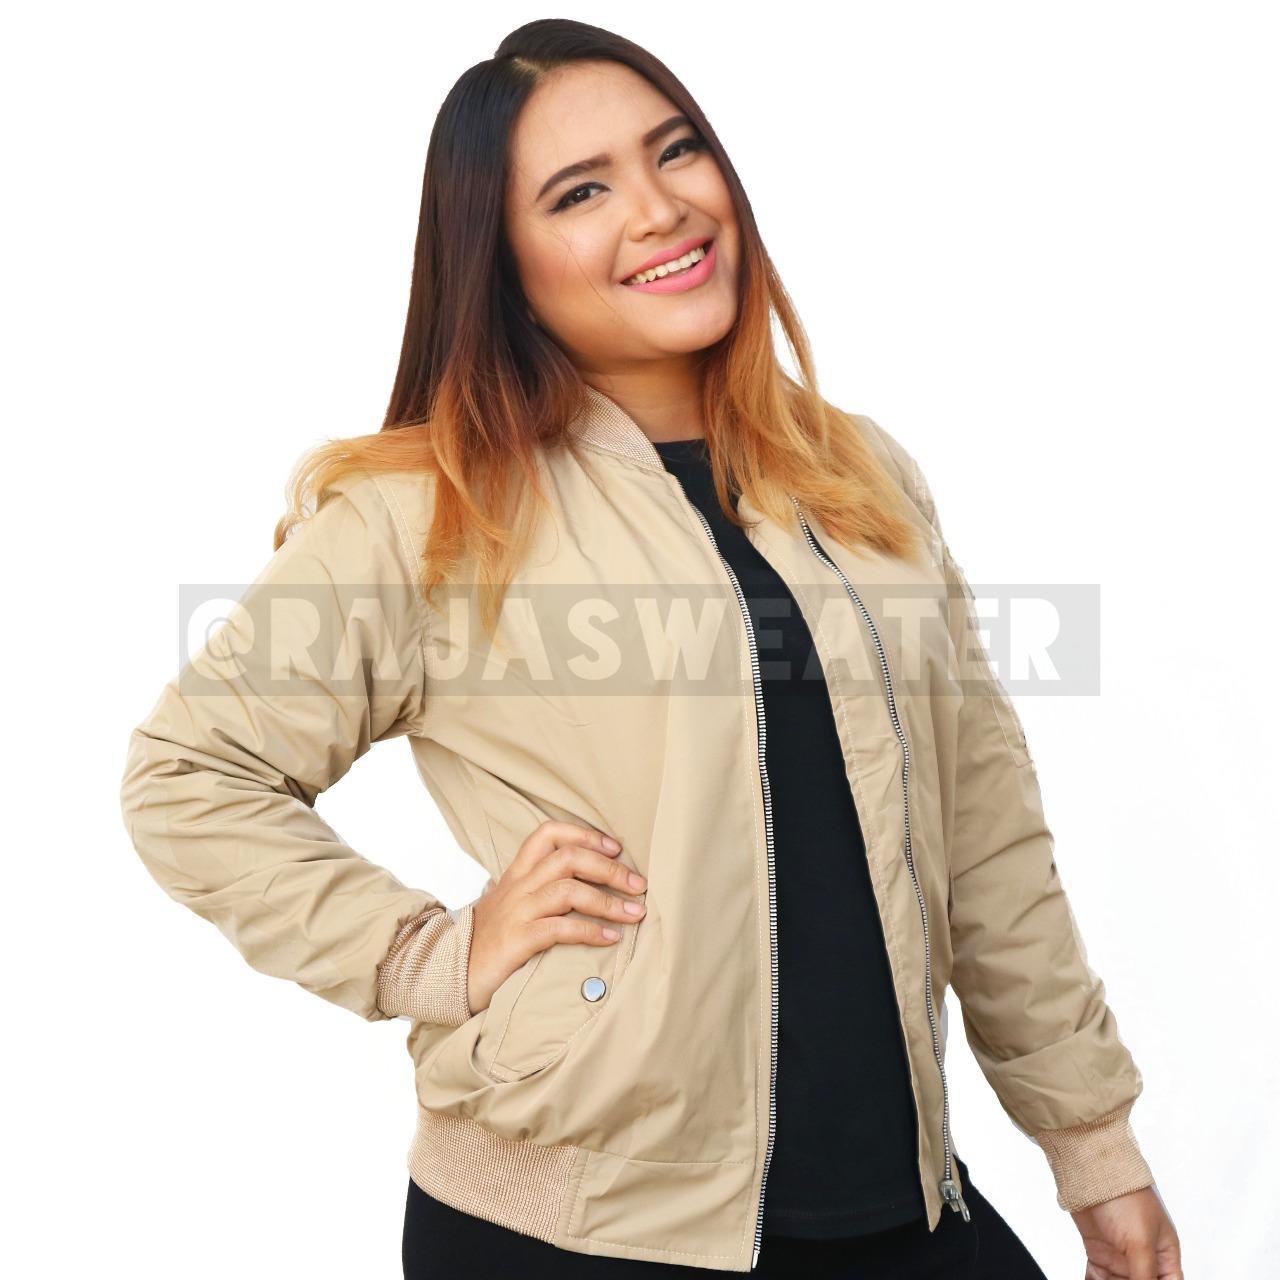 Jaket Bomber Krem Wanita Terbaru - Jaket Parasut Terbaik - Jaket Kekinian  dengan Harga PROMO! a57c38ed14